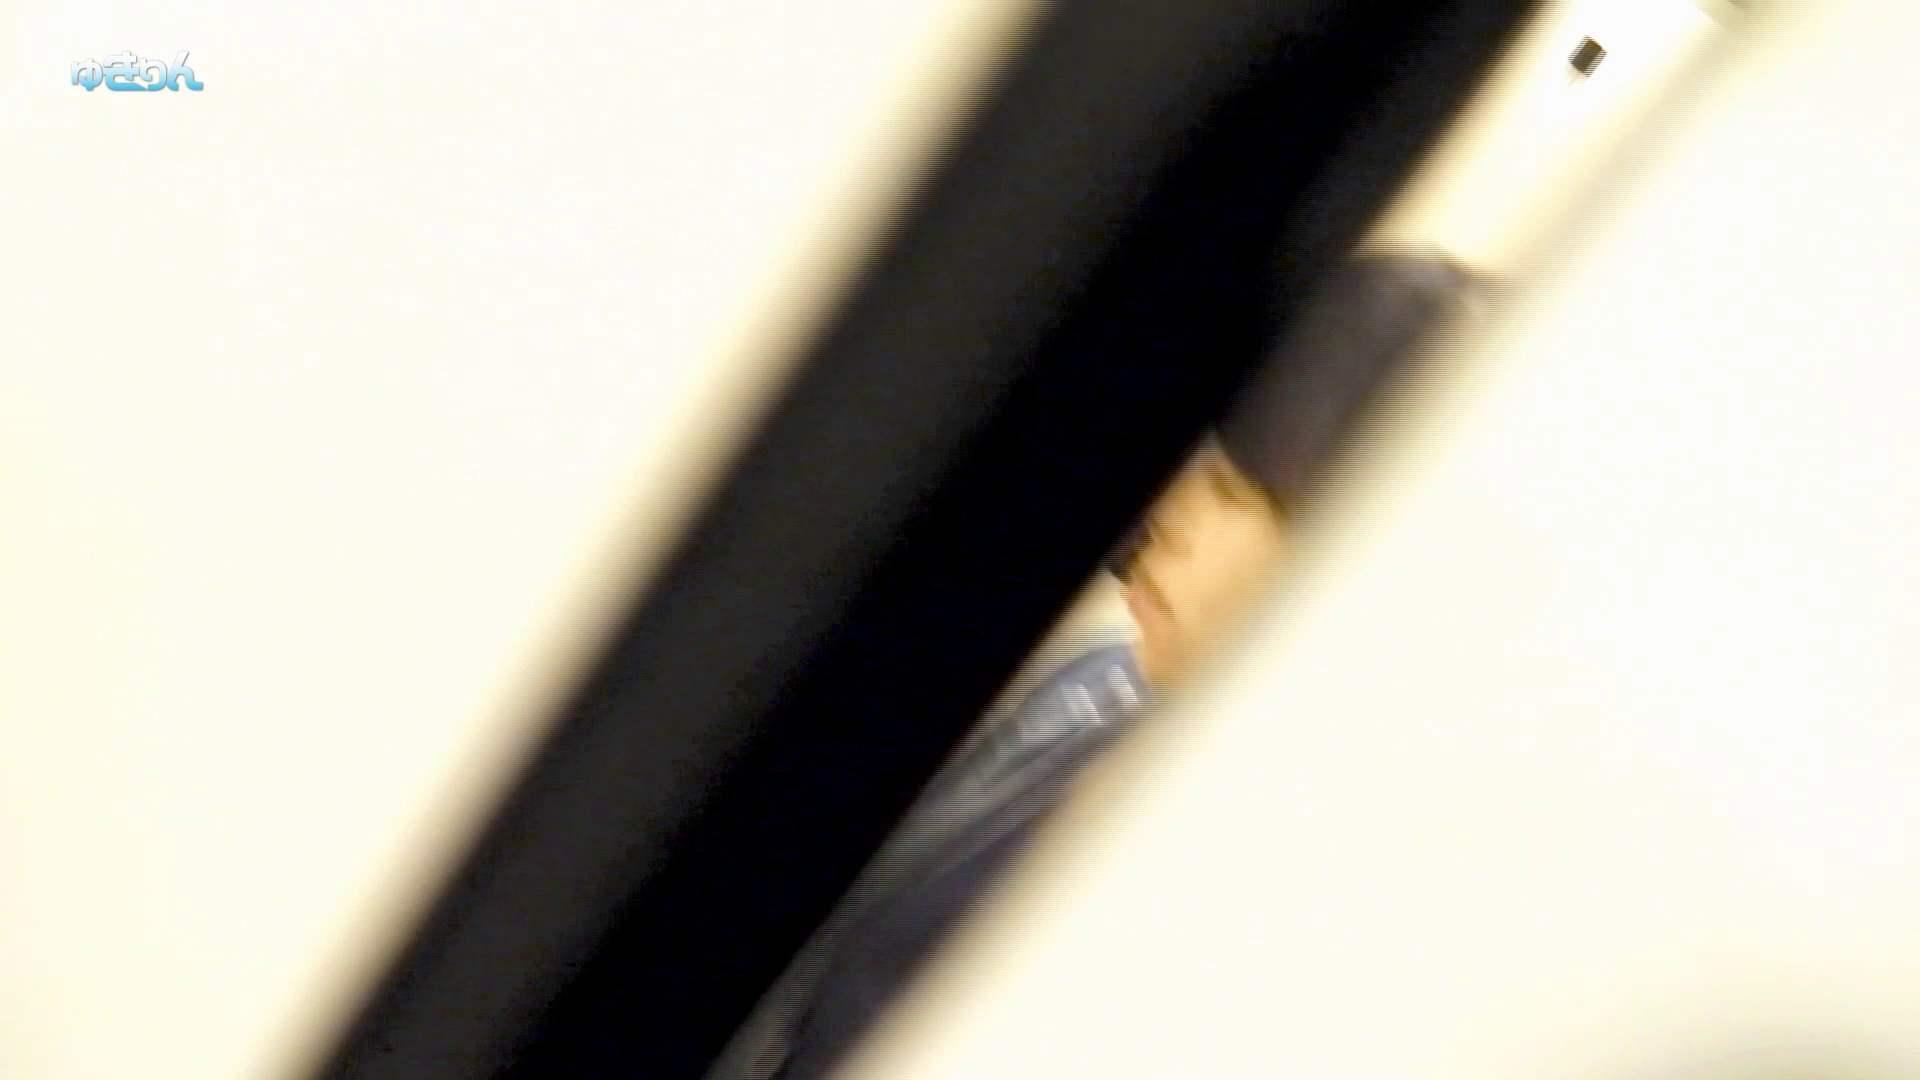 新世界の射窓 No81 制月反さん登場!! お姉さん攻略 すけべAV動画紹介 106画像 4